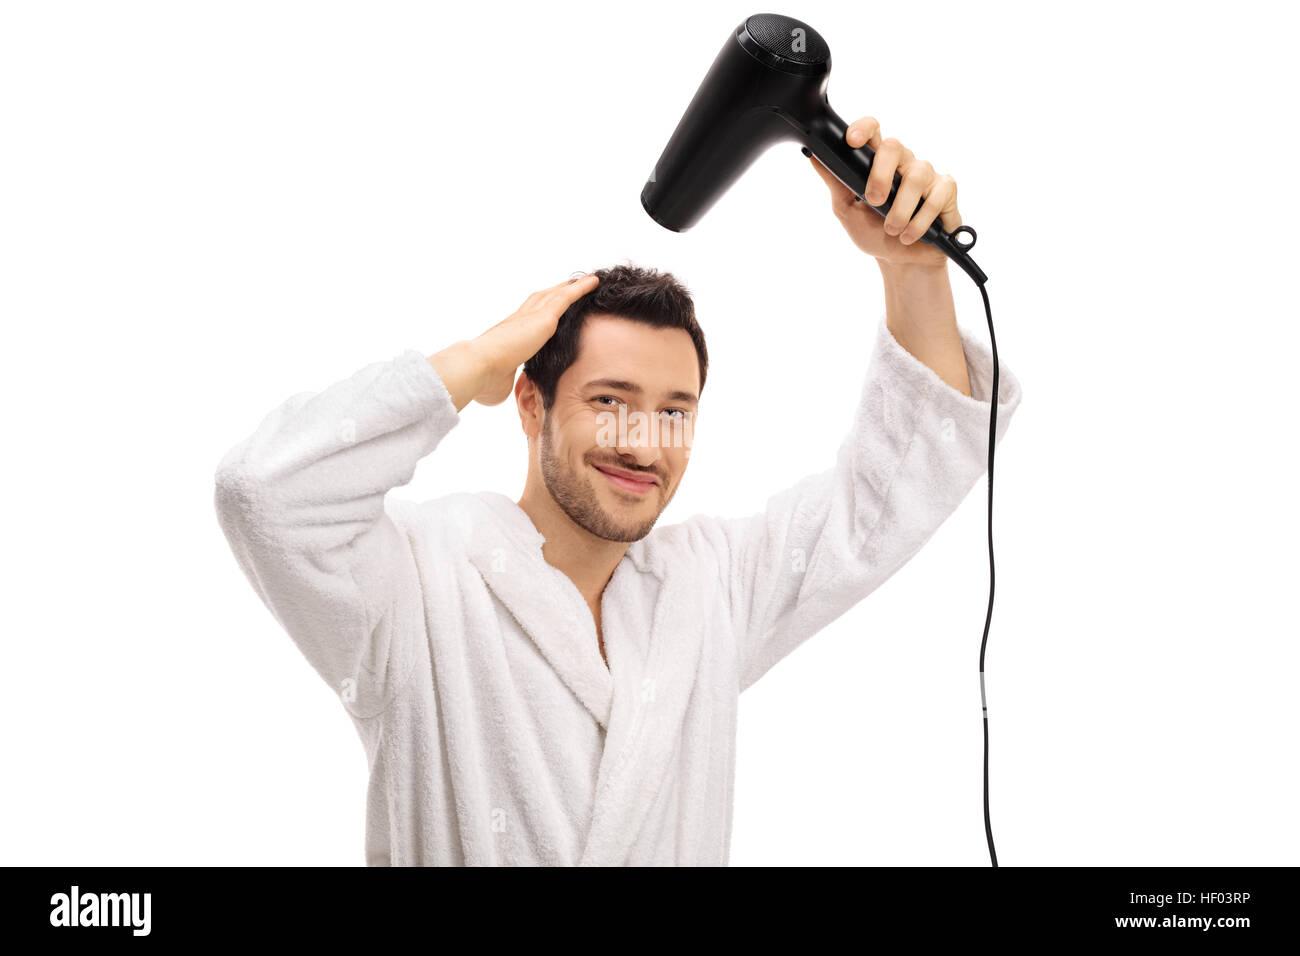 Jeune homme dans un peignoir en essuyant ses cheveux avec un sèche-cheveux isolé sur fond blanc Photo Stock